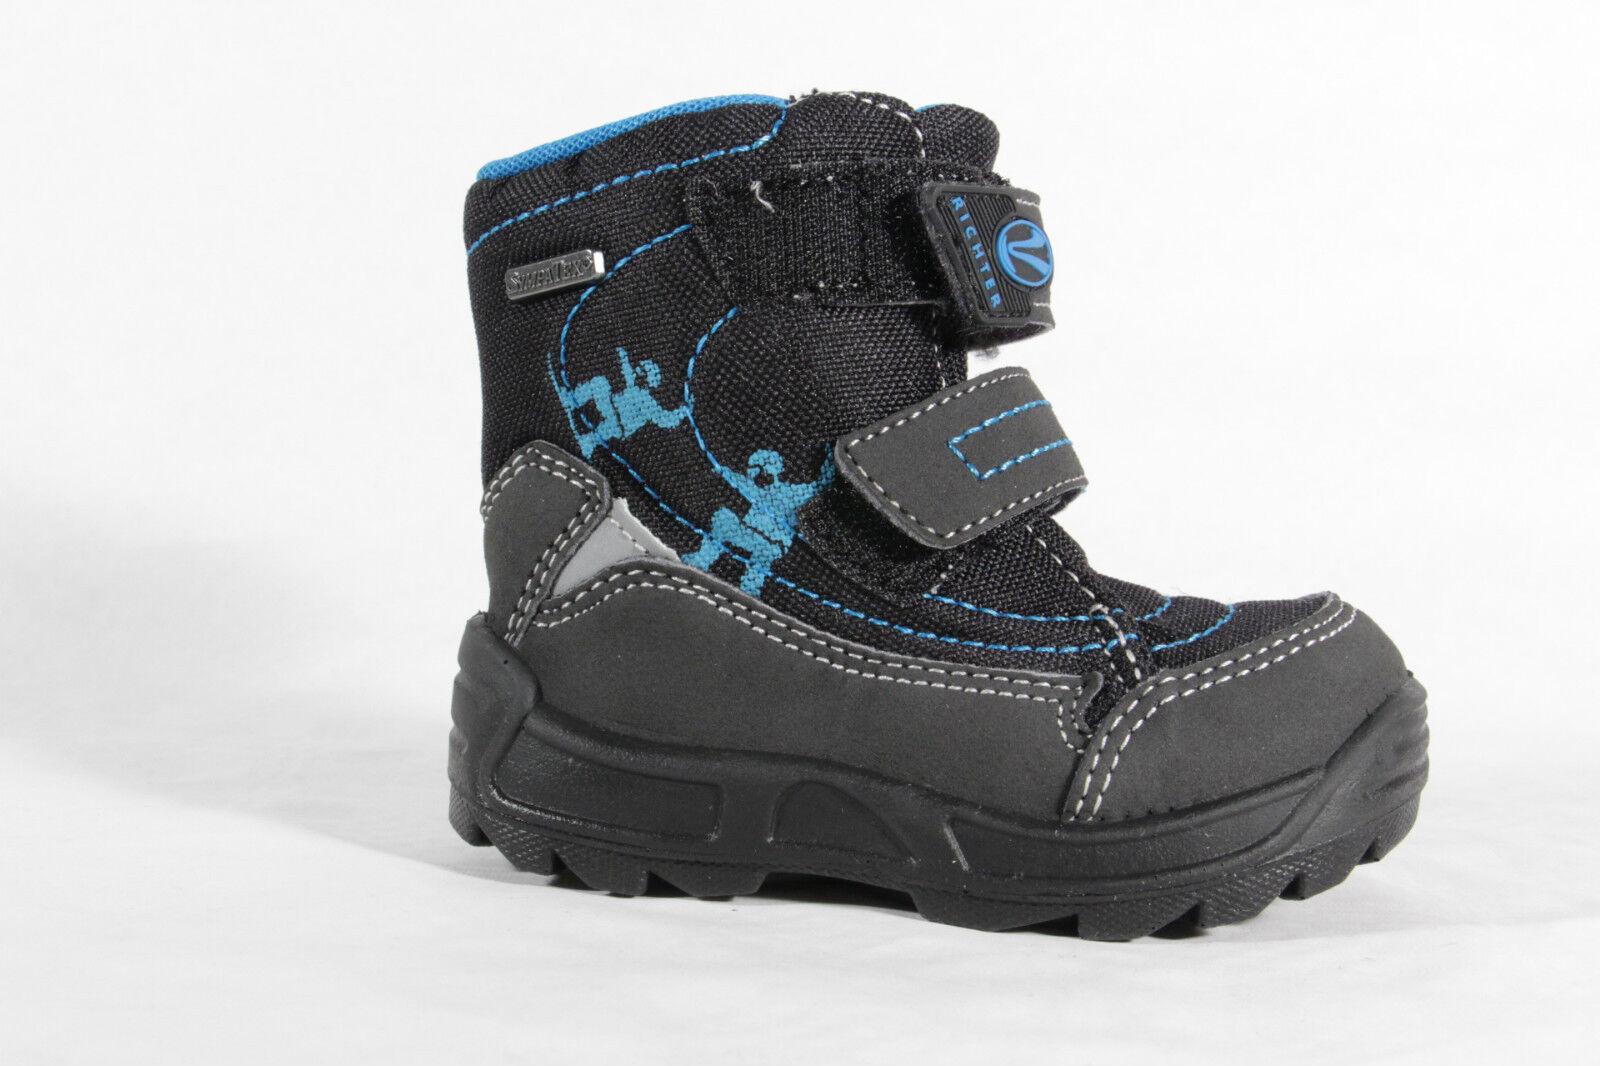 Richter LL-Stiefel schwarz    blau, gefüttert, Klettverschluß, SympaTex 2032 Neu   d45205